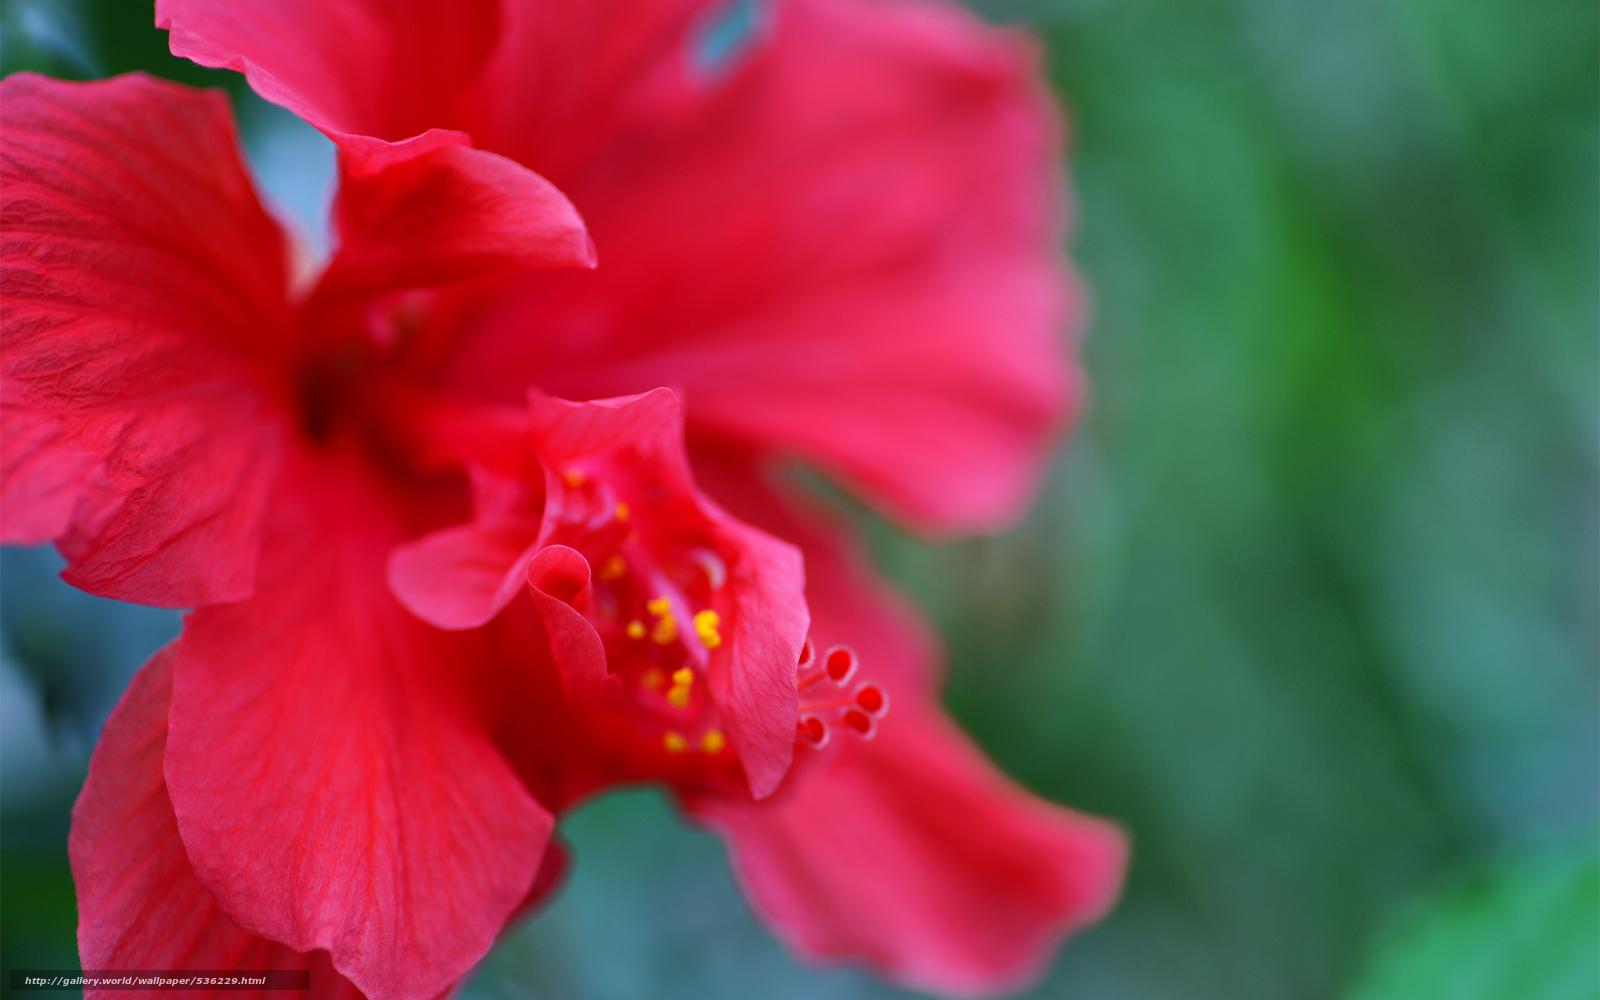 Scaricare gli sfondi petali ibisco natura rosso sfondi for Ibisco rosso